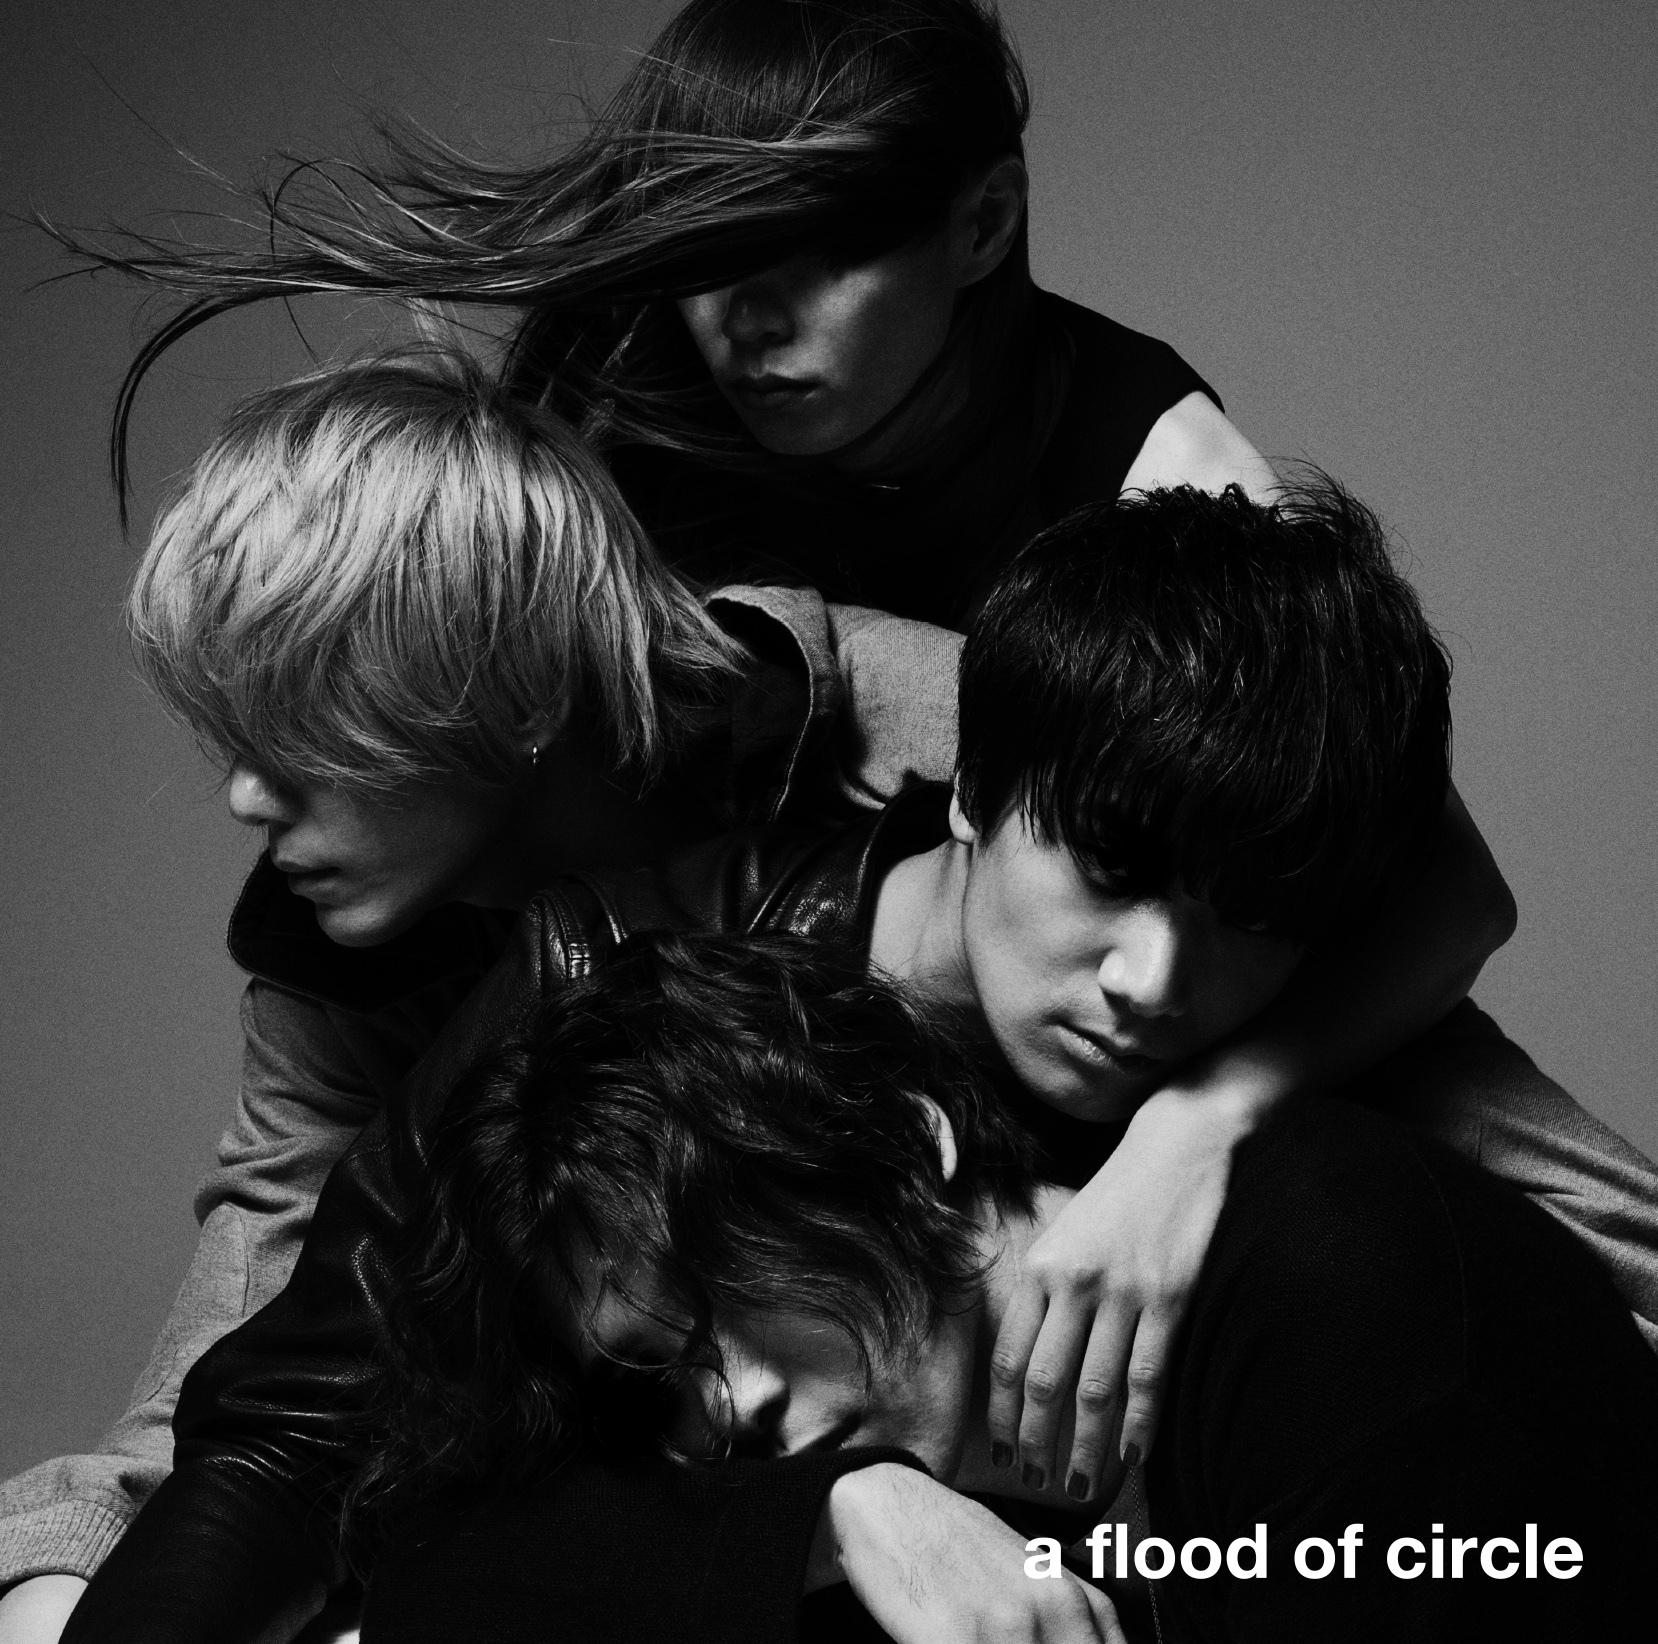 『a flood of circle』